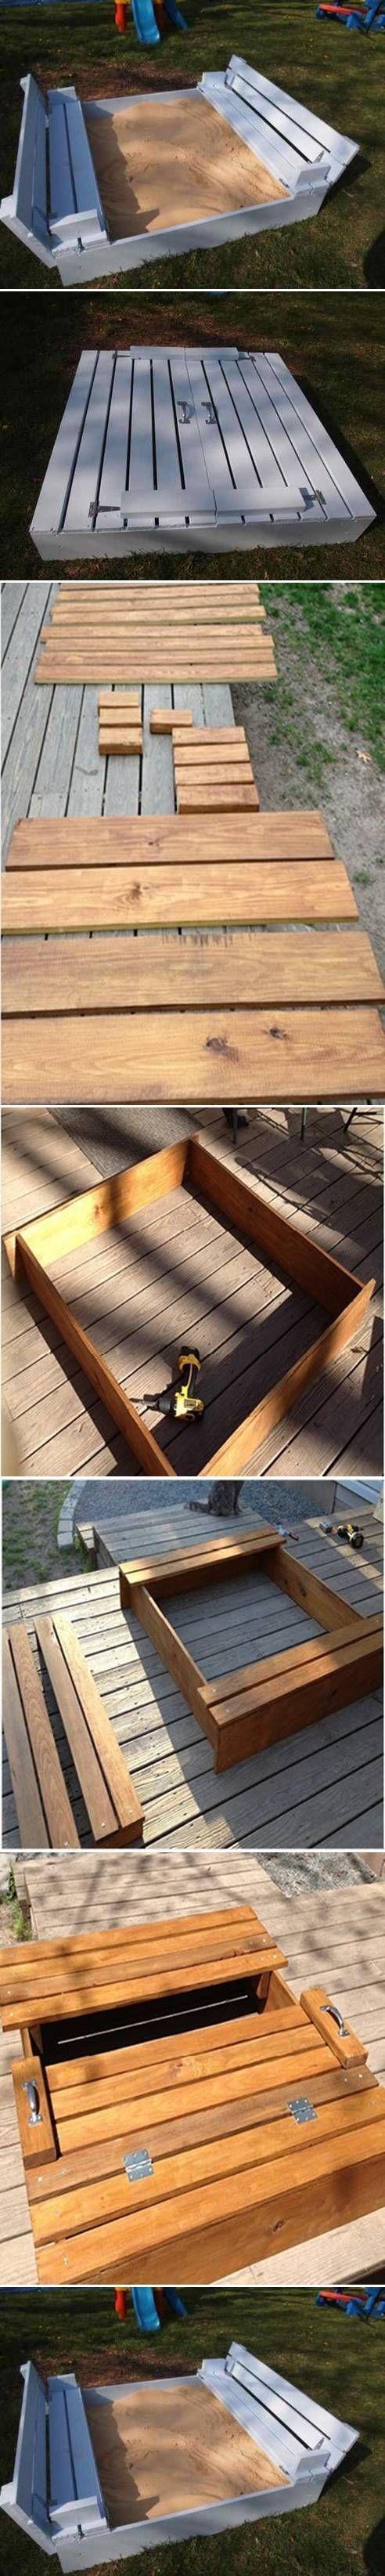 Pin By Kat Harina On Diy Ideas Diy Sandbox Kids Sandbox Pallet Diy